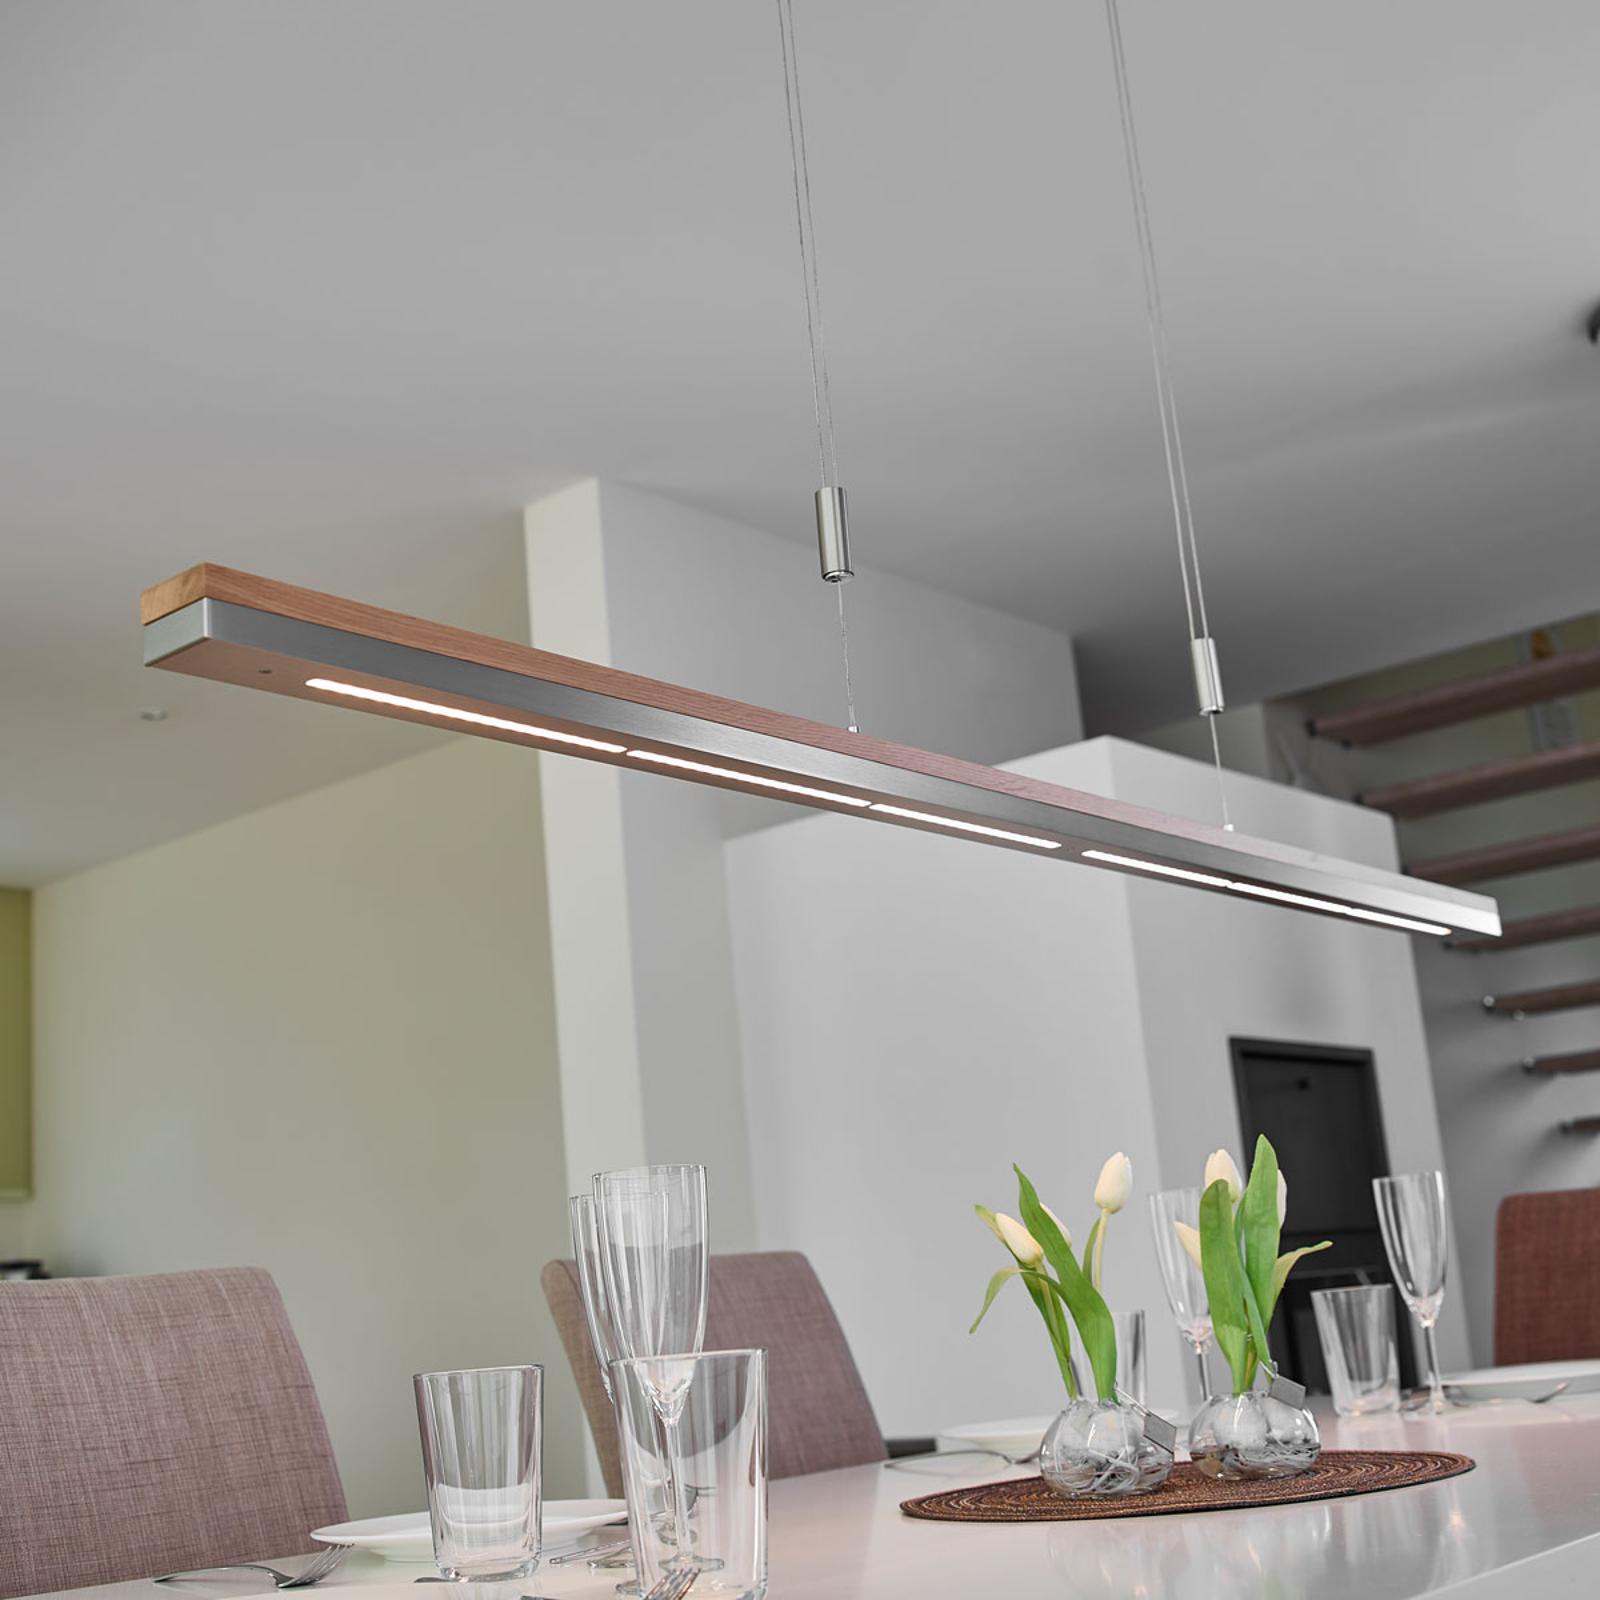 Lampada a sospensione LED Elna in due materiali